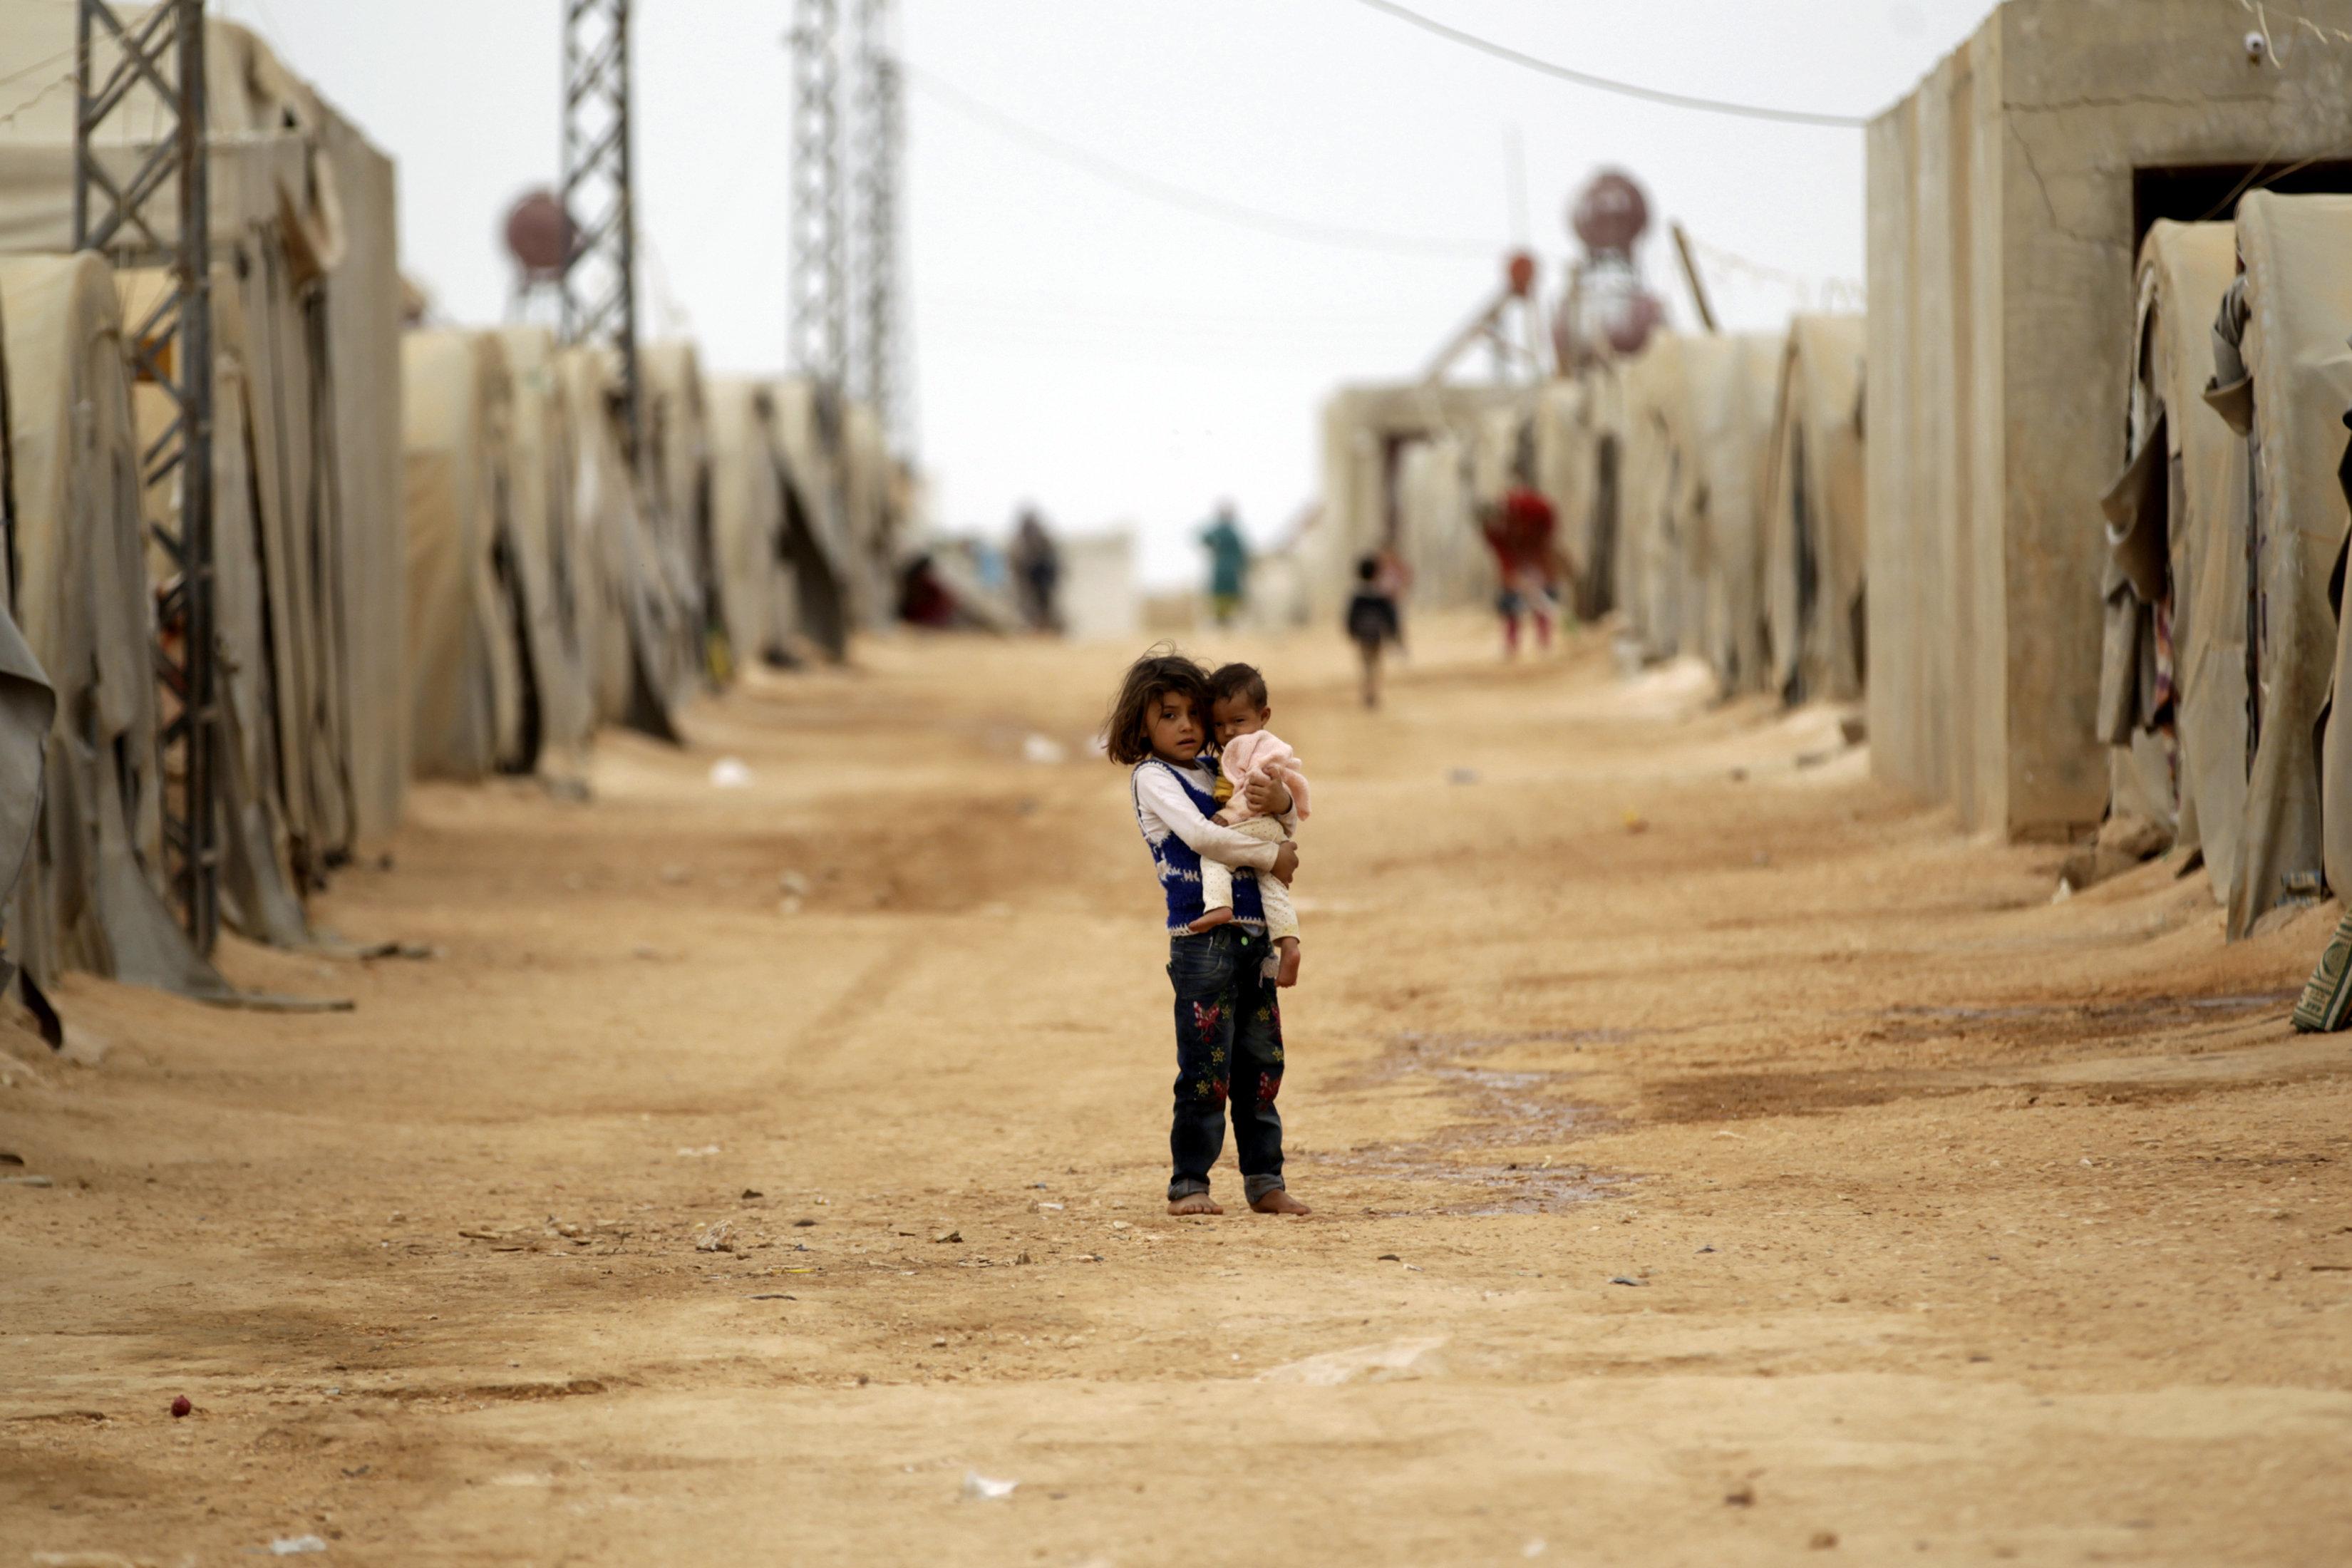 Αυτοί που επιστρέφουν. Πως είναι όταν Σύριοι γυρίζουν πίσω στην πατρίδα τους